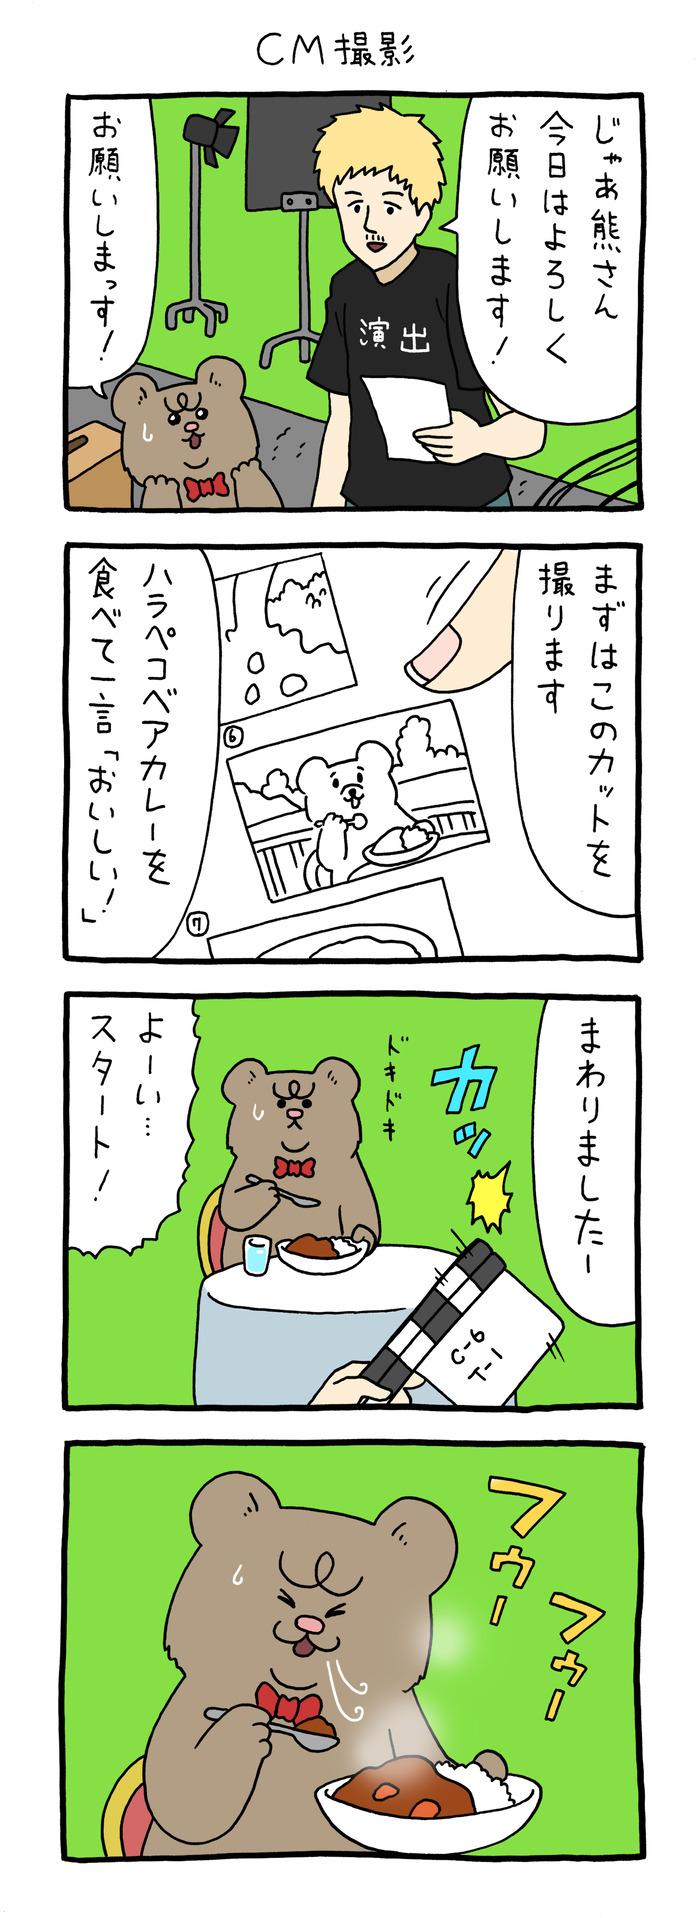 悲熊とコマーシャル2 のコピー